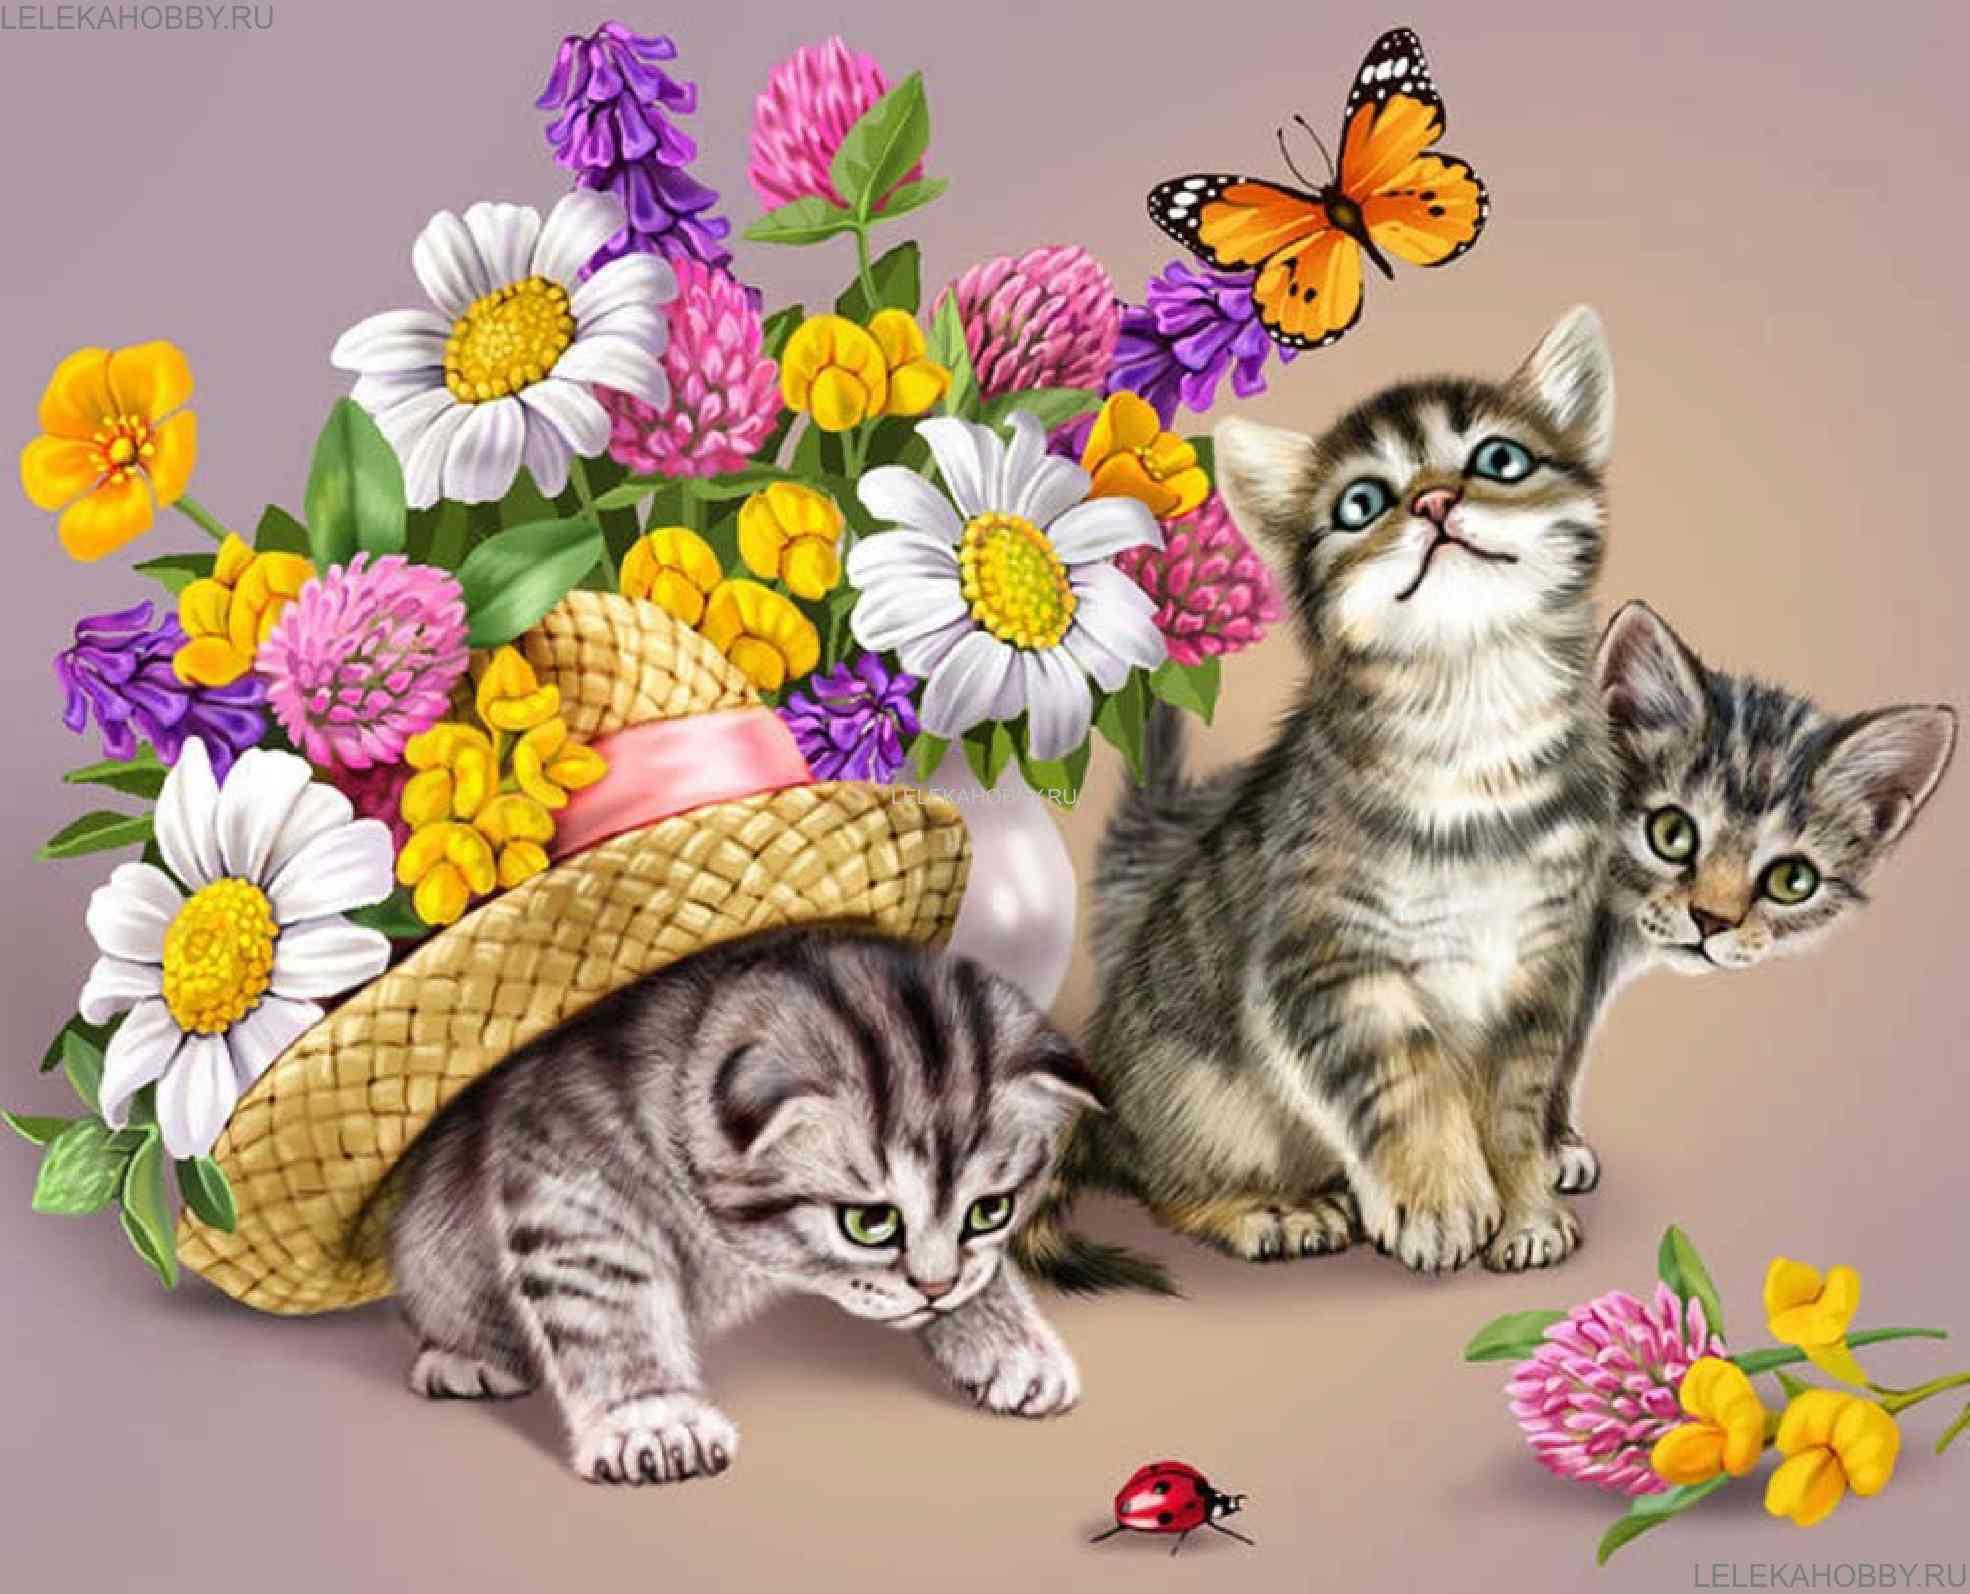 листы картинки на кошачью тему такой сигнал, любимый